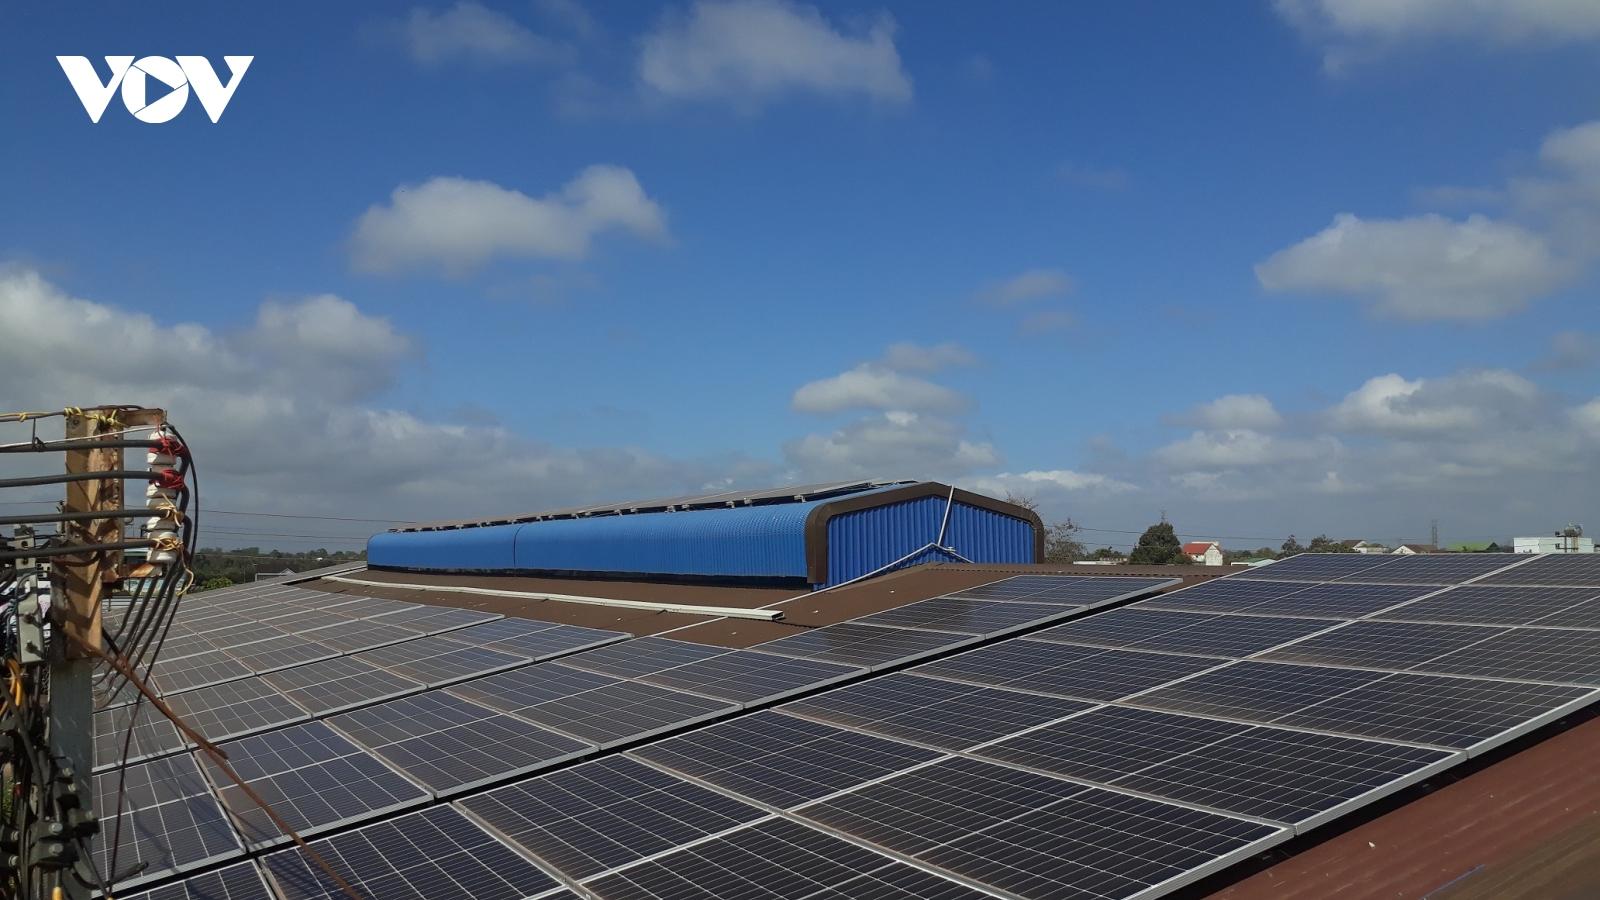 Bùng nỗ điện mặt trời áp mái, nhiều dự án phải tiết giảm phát điện